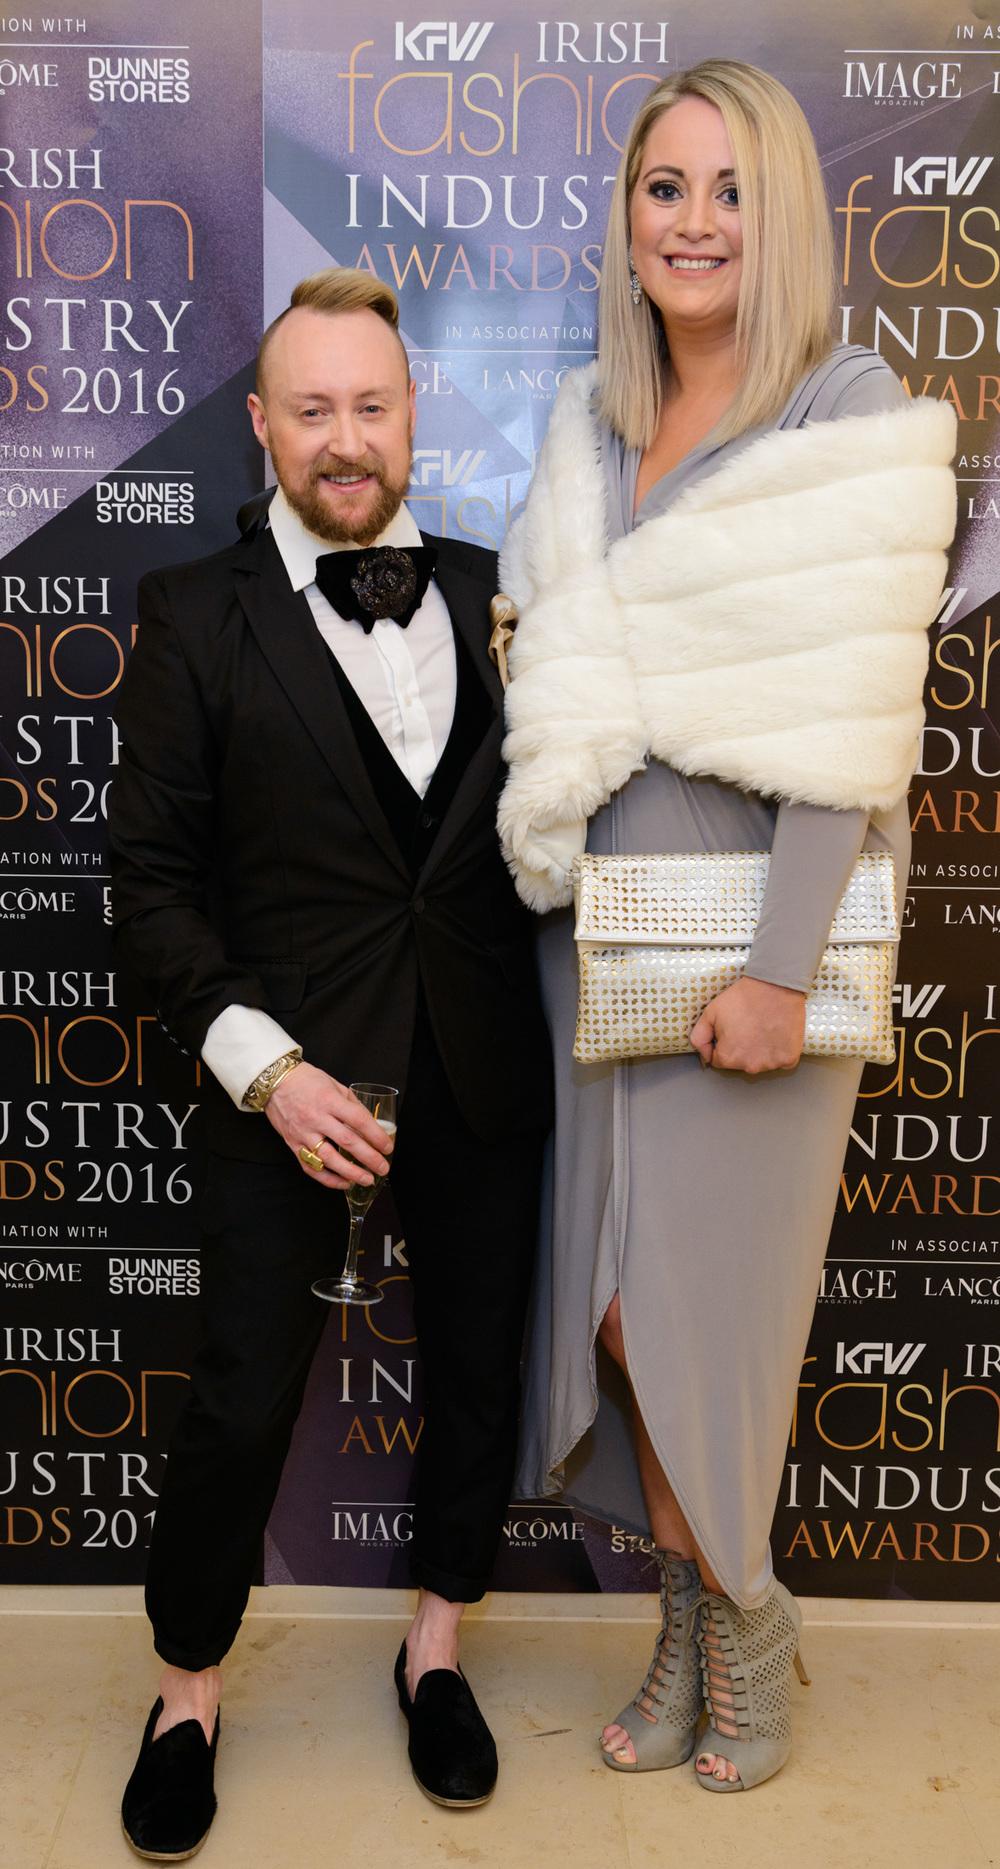 KFW16_Irish Fashion Industry Awards_10121.JPG